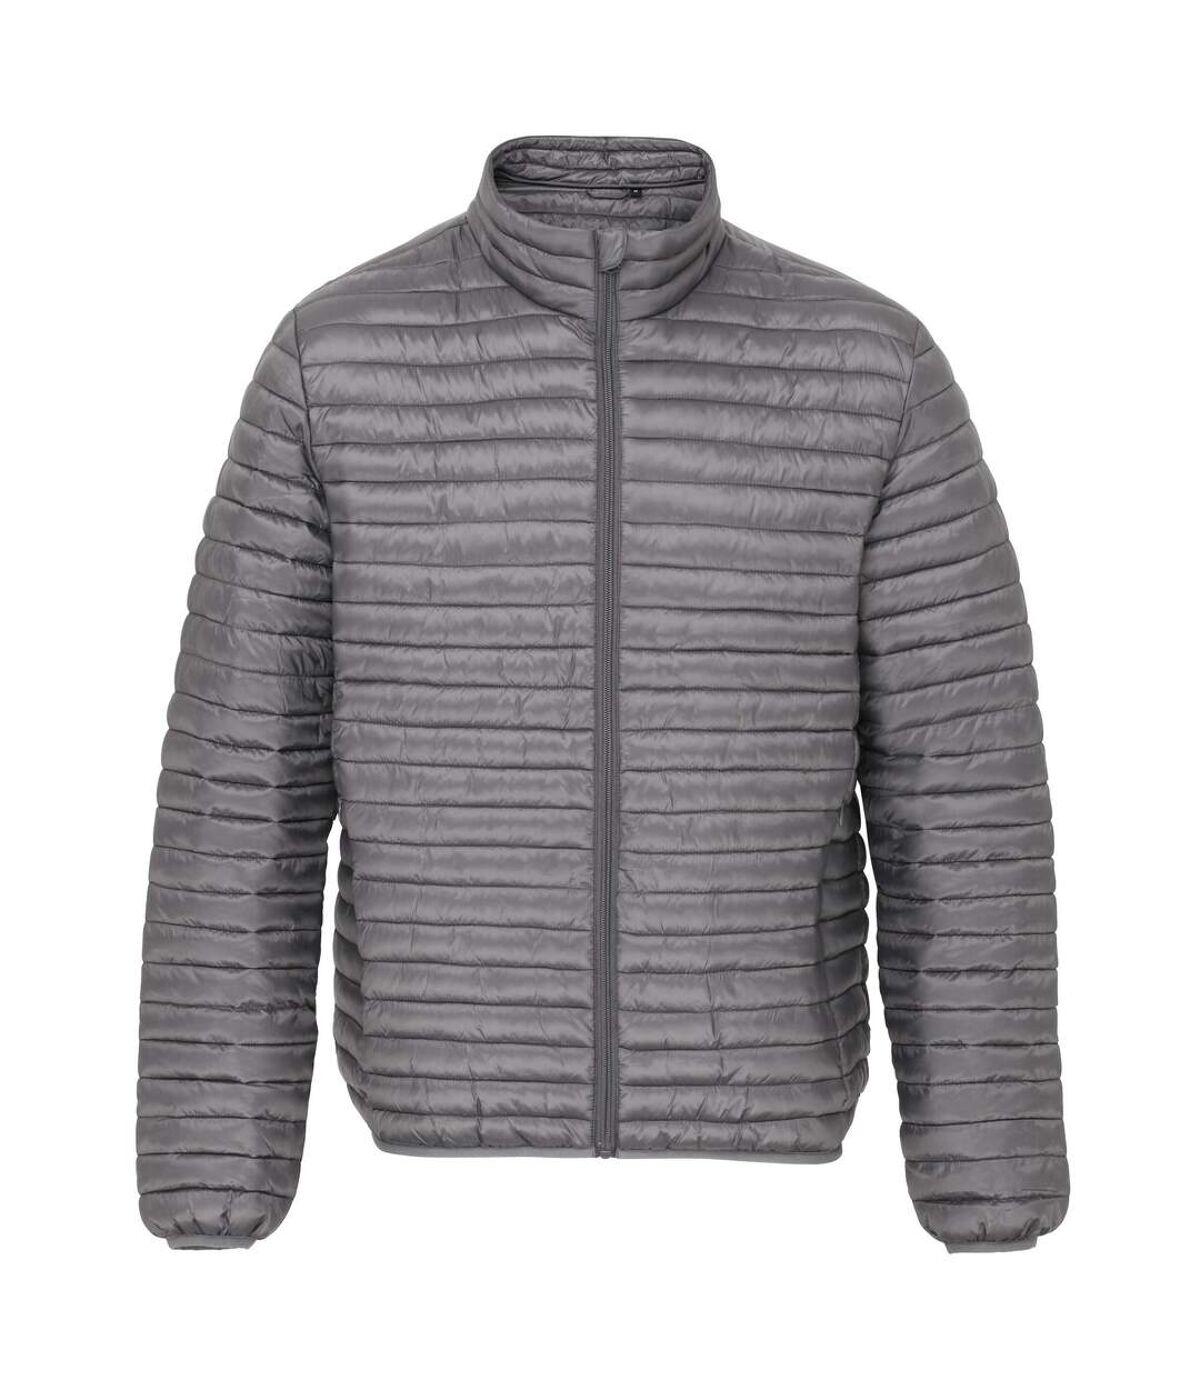 2786 Mens Tribe Fineline Padded Jacket (Steel) - UTRW3846